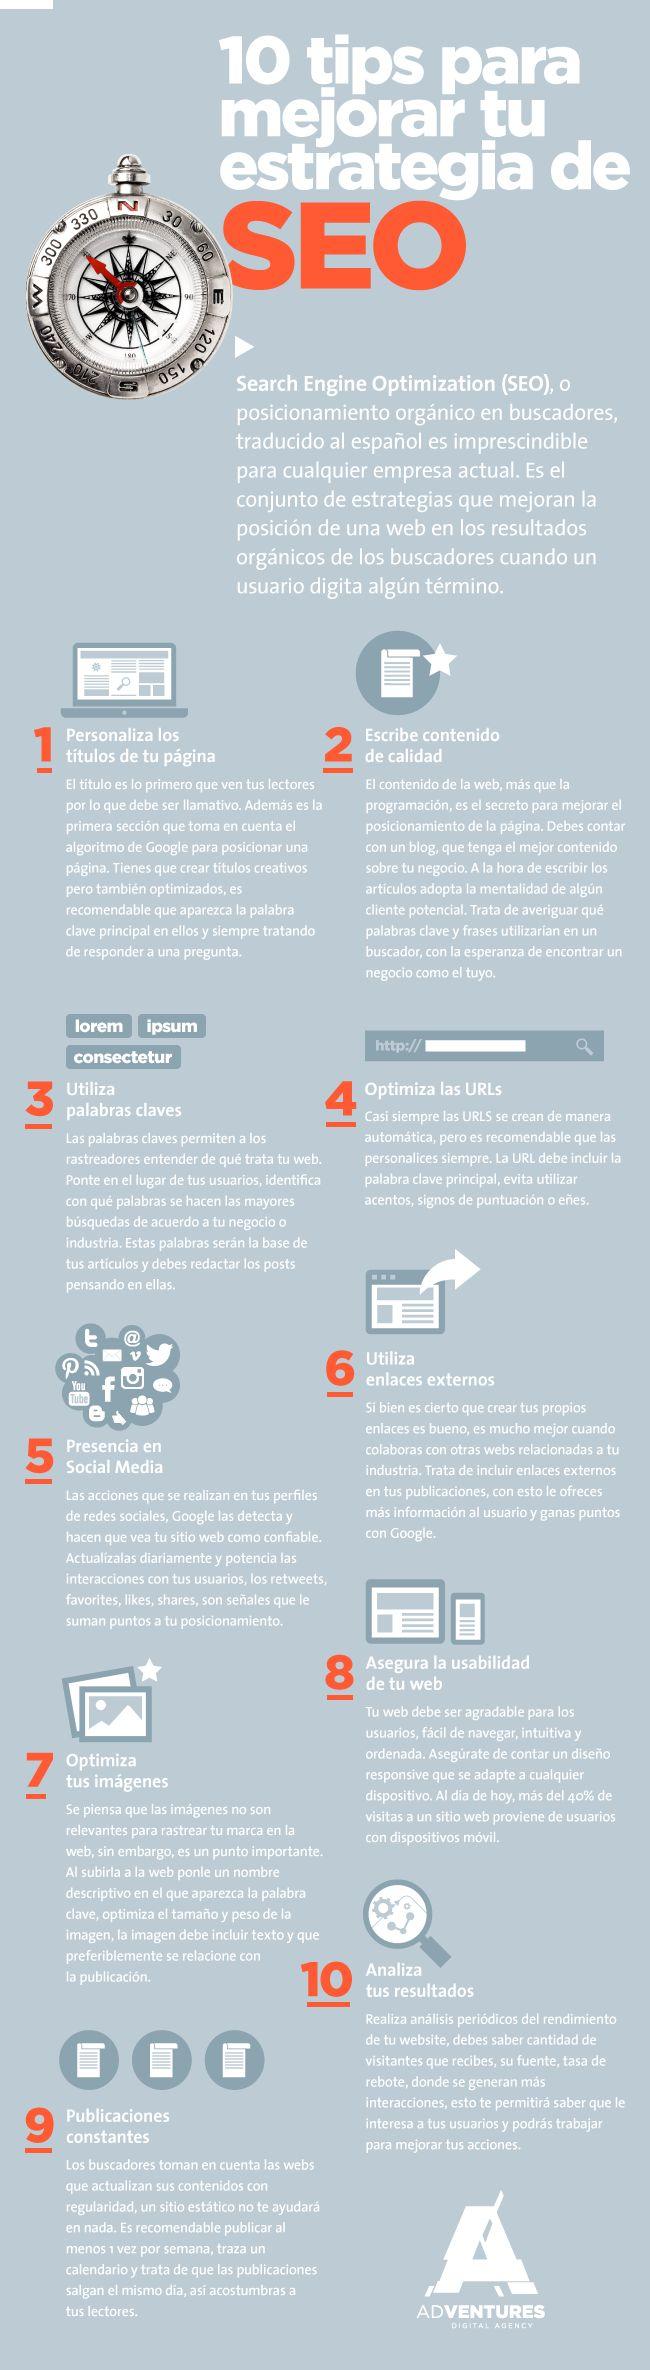 10 consejos para mejorar tu estrategia de SEO #infografia #infographic #seo